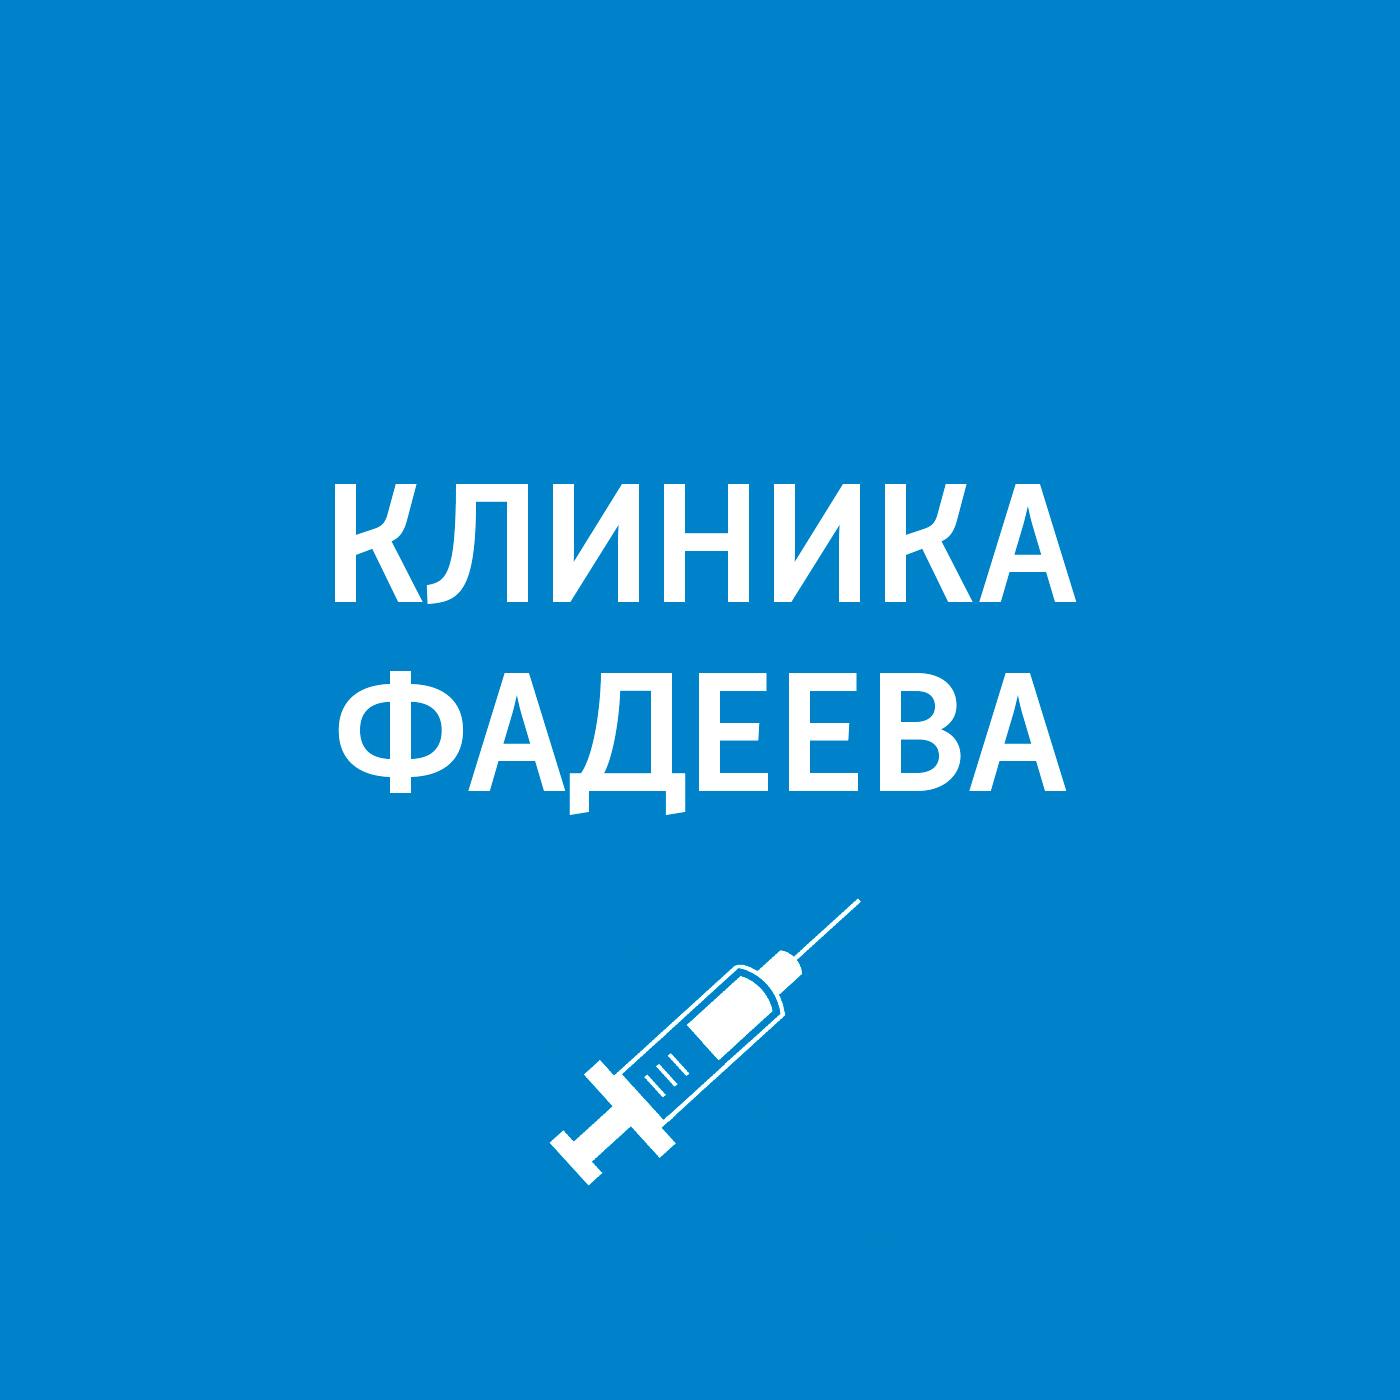 Пётр Фадеев Советы врача общей практики цены онлайн